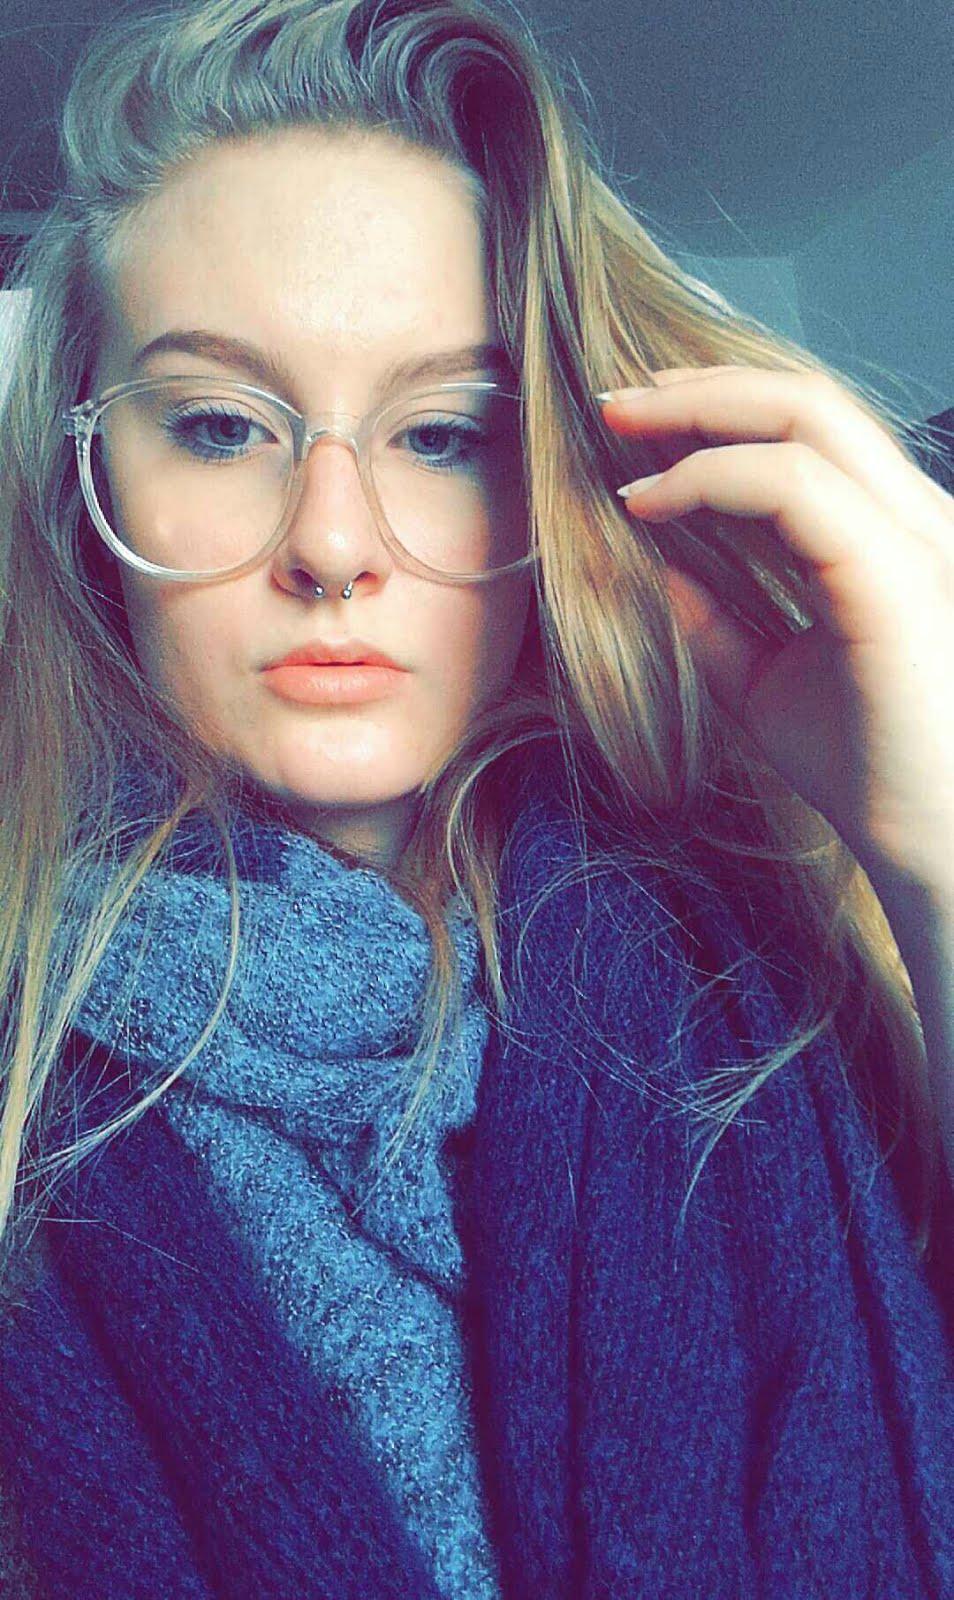 Erfreut Extra Große Brillenfassungen Bilder - Benutzerdefinierte ...